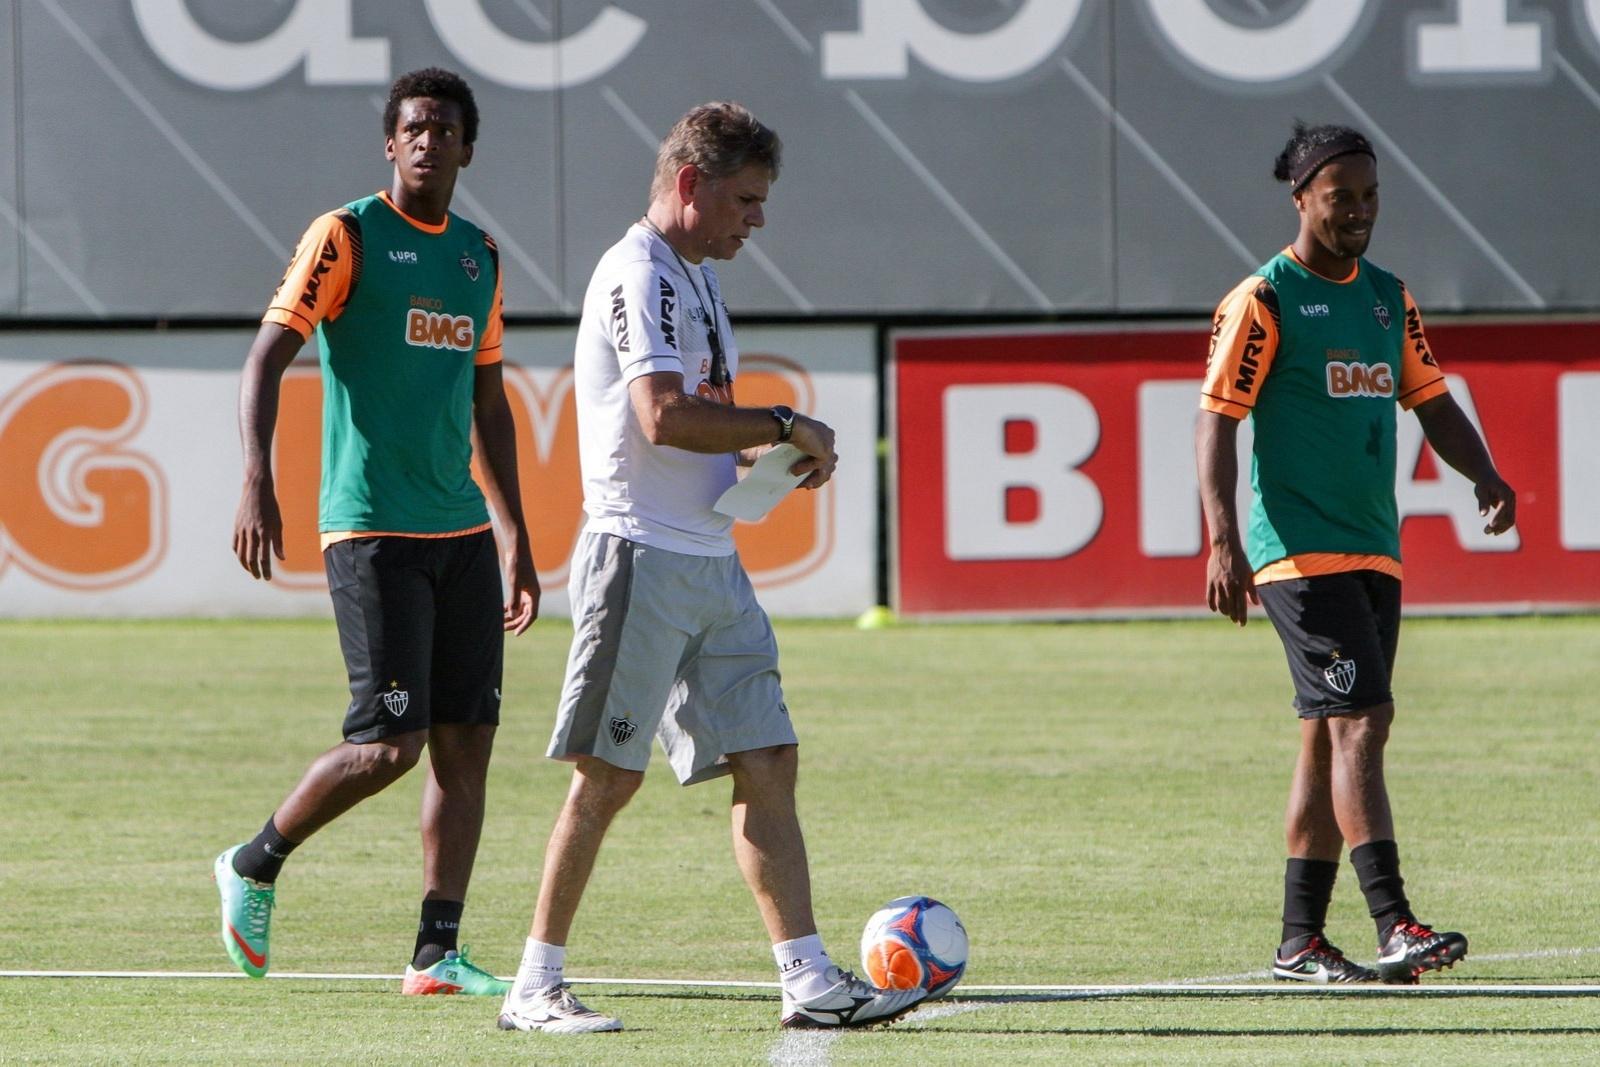 28 jan 2014 - Paulo Autuori estreia nesta quarta-feira, pelo Atlético-MG, sem Ronaldinho Gaúcho, suspenso